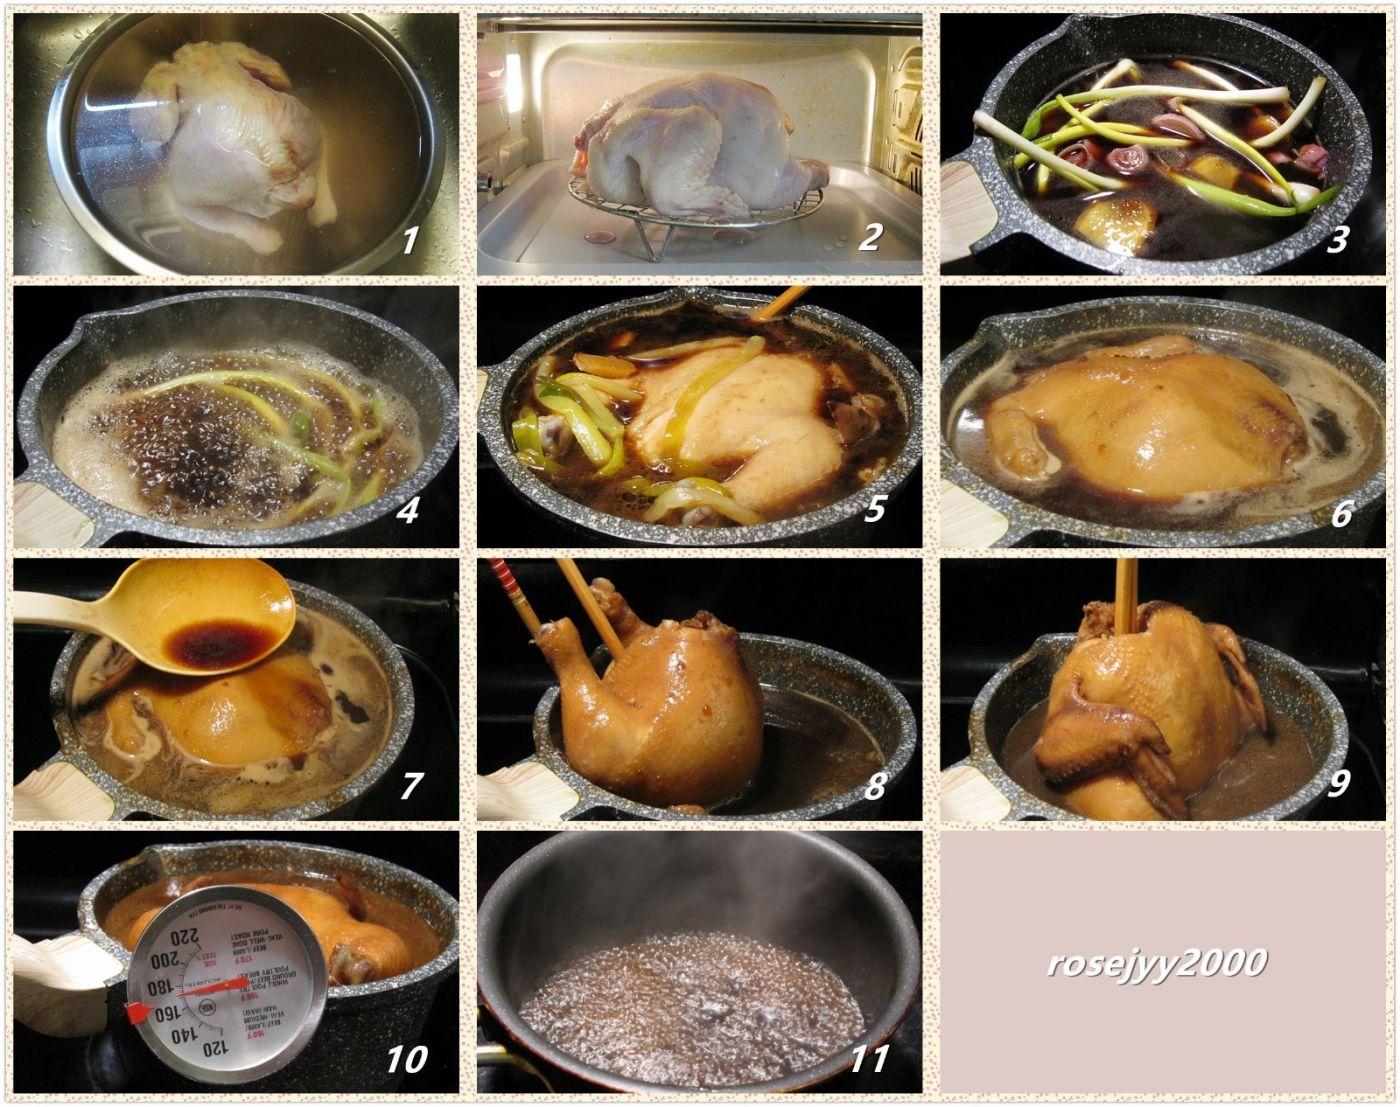 卤水鸡_图1-2